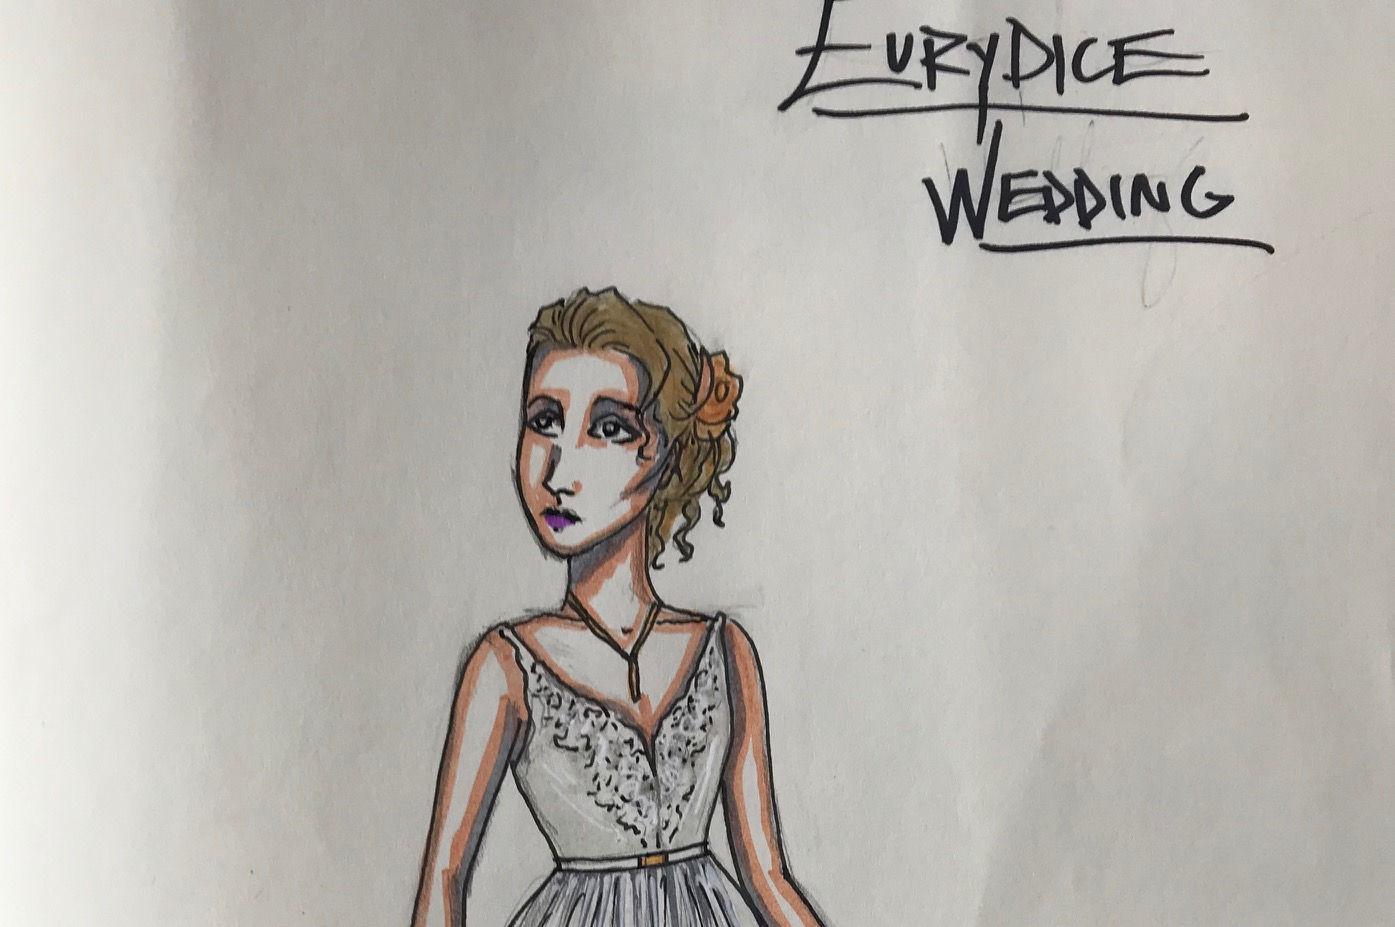 Eurydice Wedding